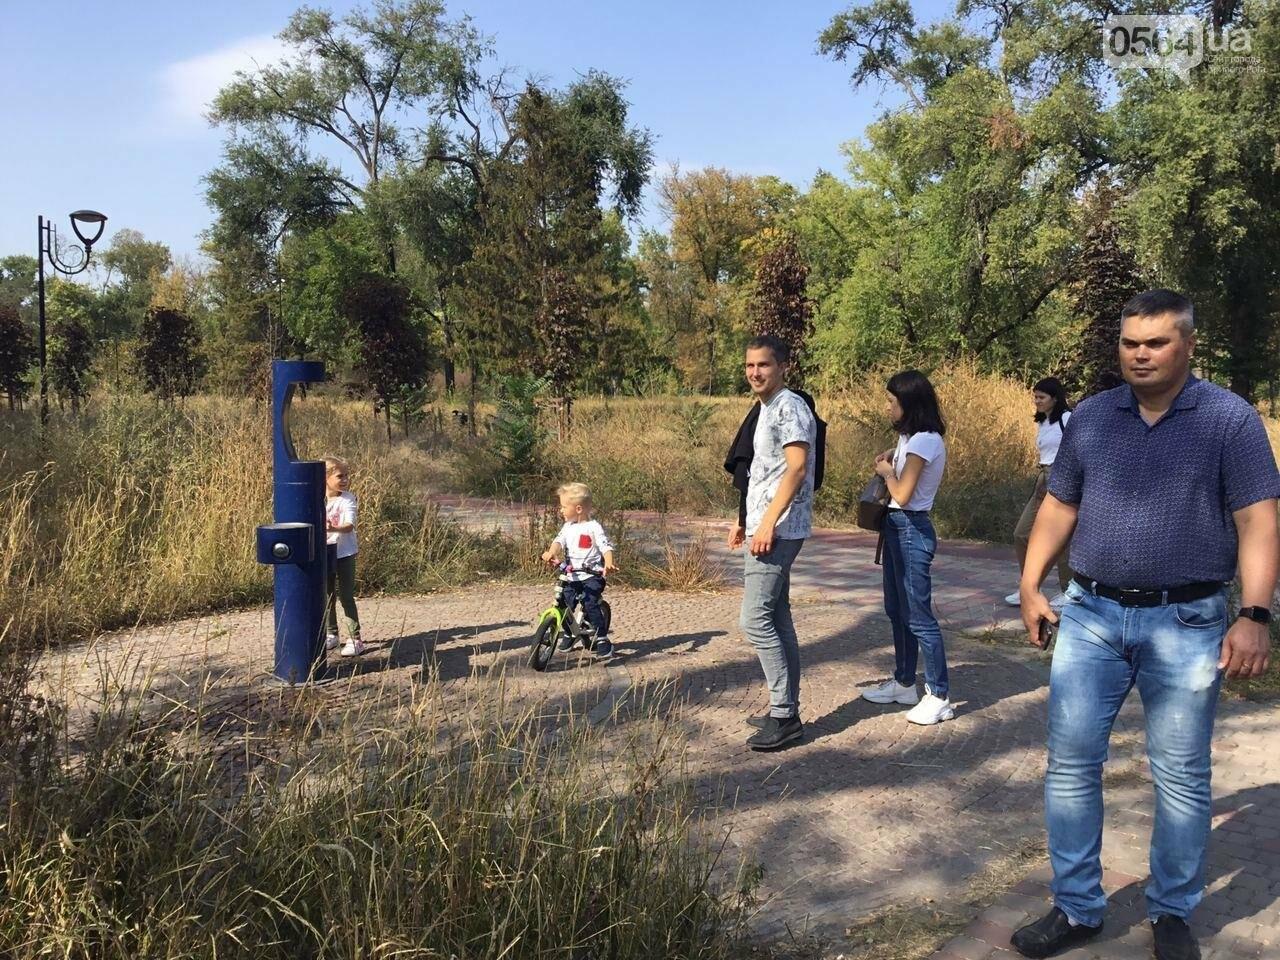 """""""Политика и бесхозяйственность"""", - криворожане поделились мнениями о Гданцевском парке, - ФОТО, ВИДЕО, фото-62"""